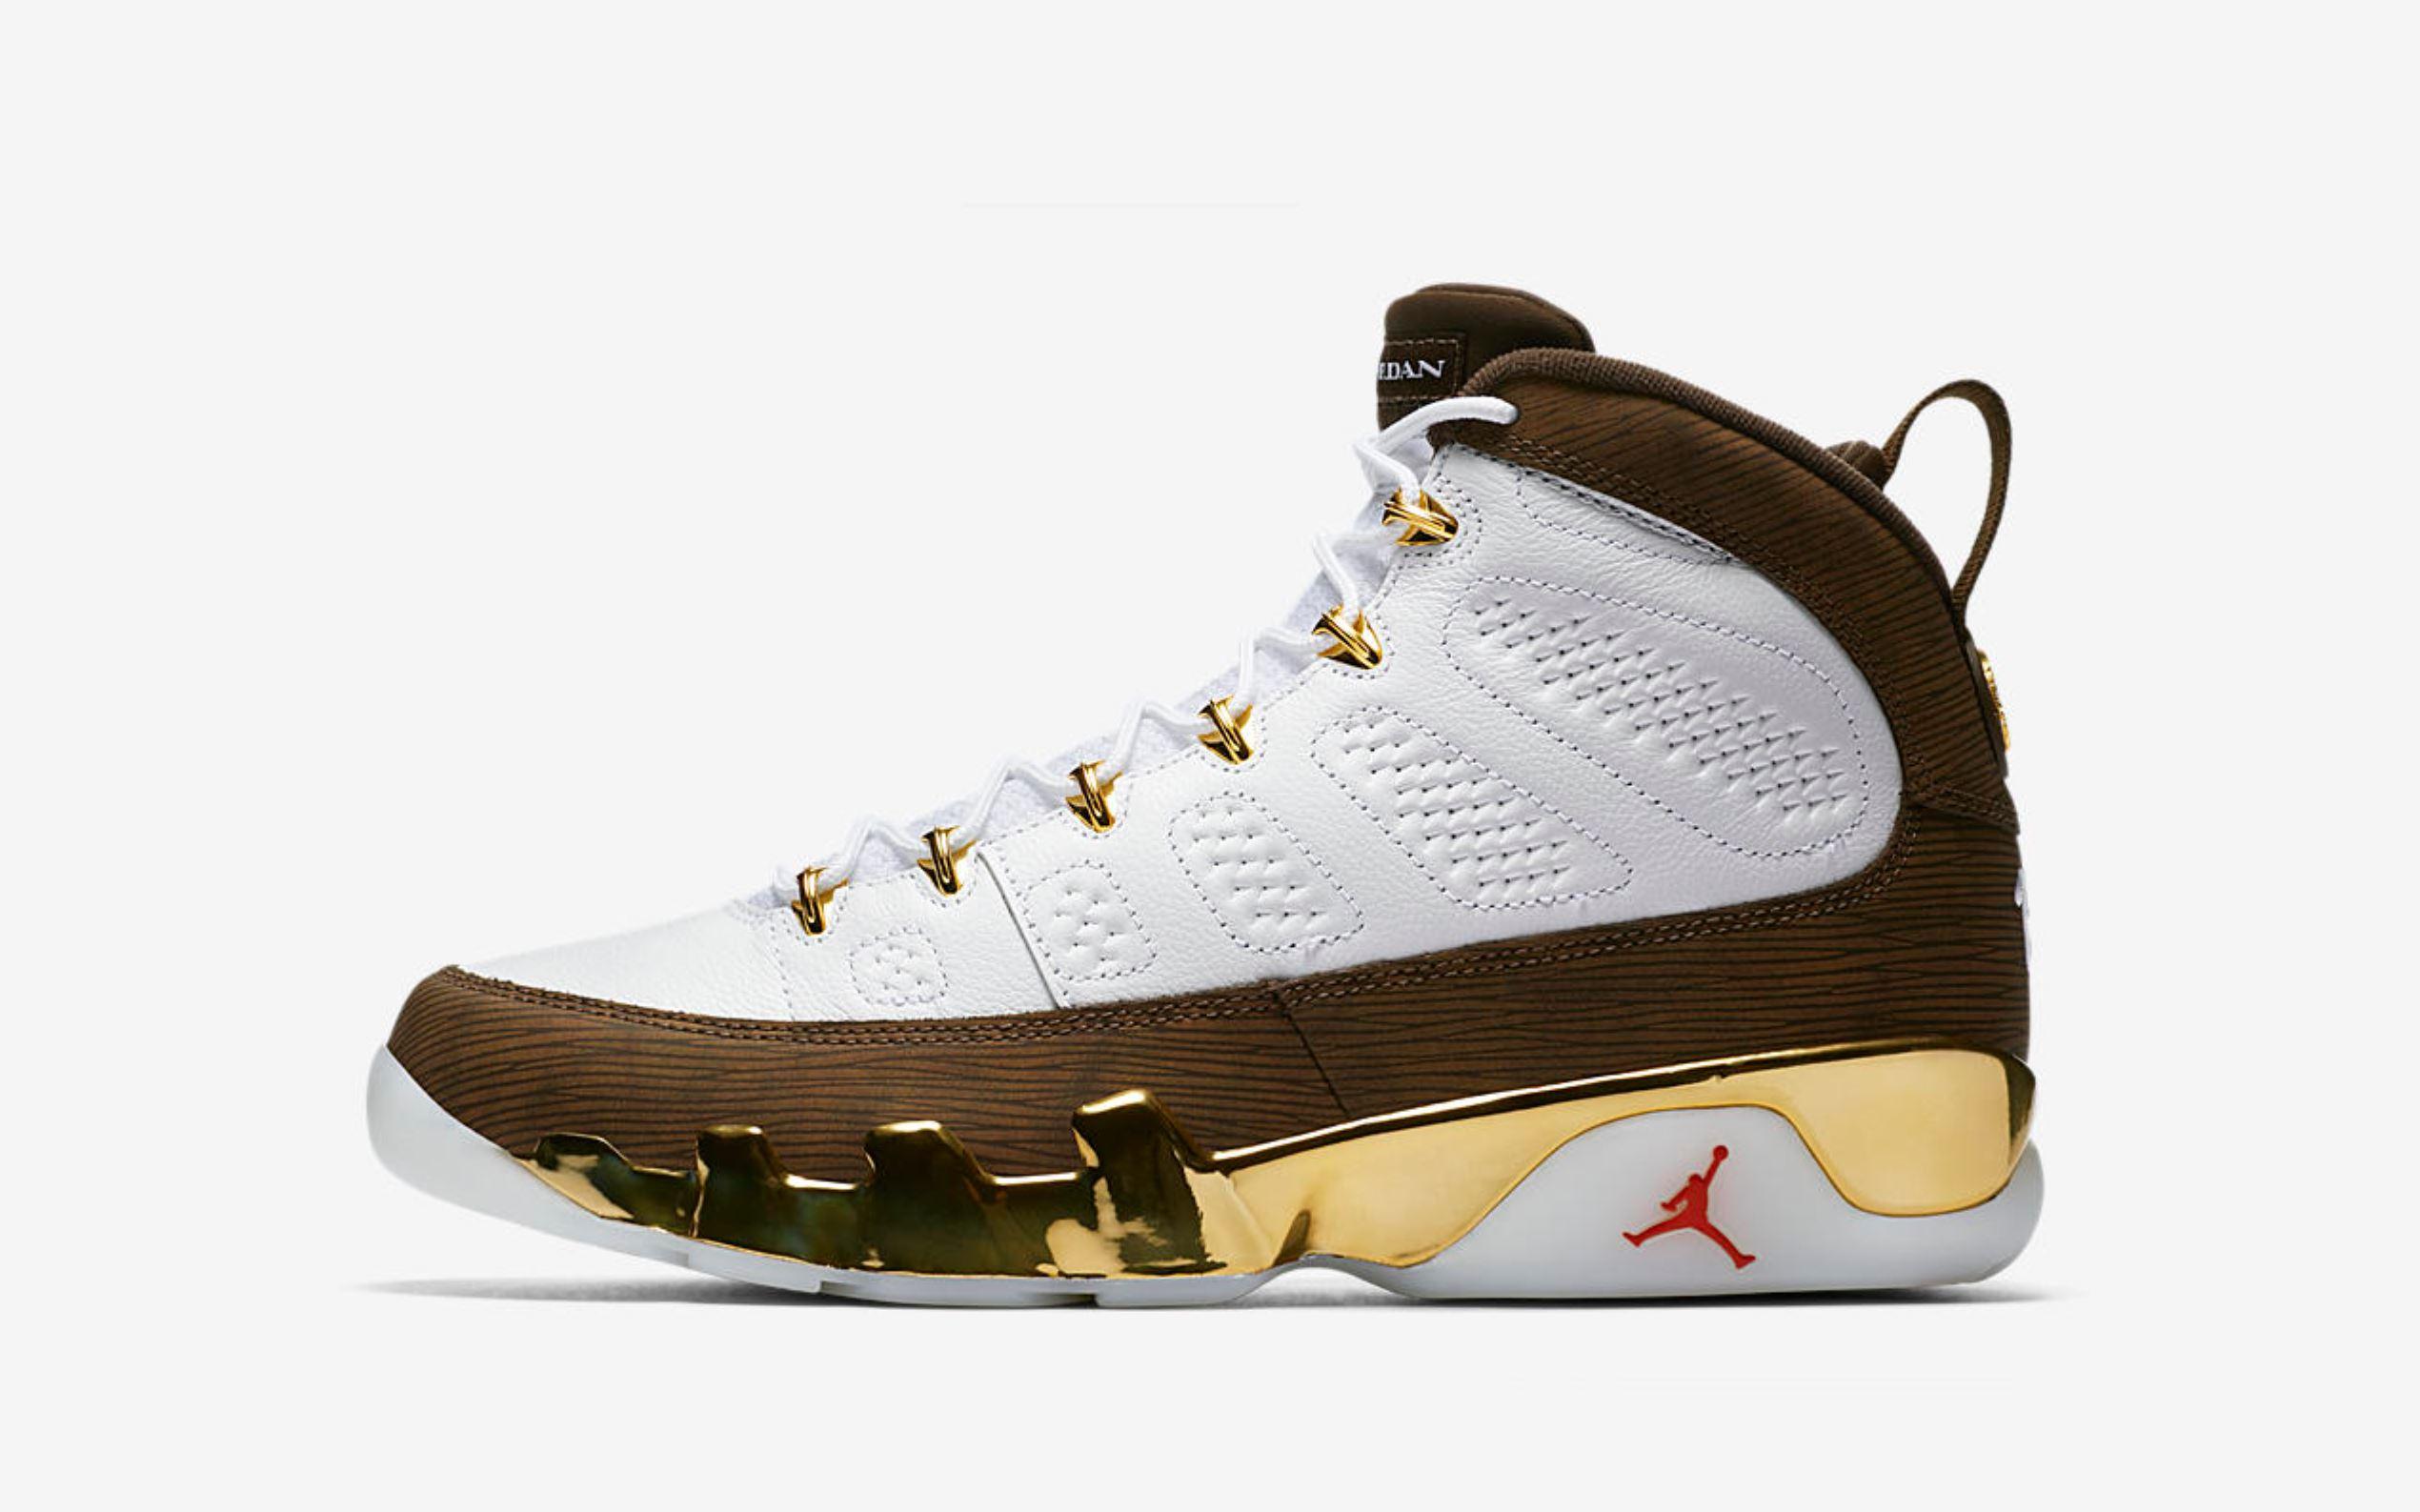 d010adabd85a91 air jordan 9 MOP melo · Basketball   Jordan Brand   Kicks On Court ...